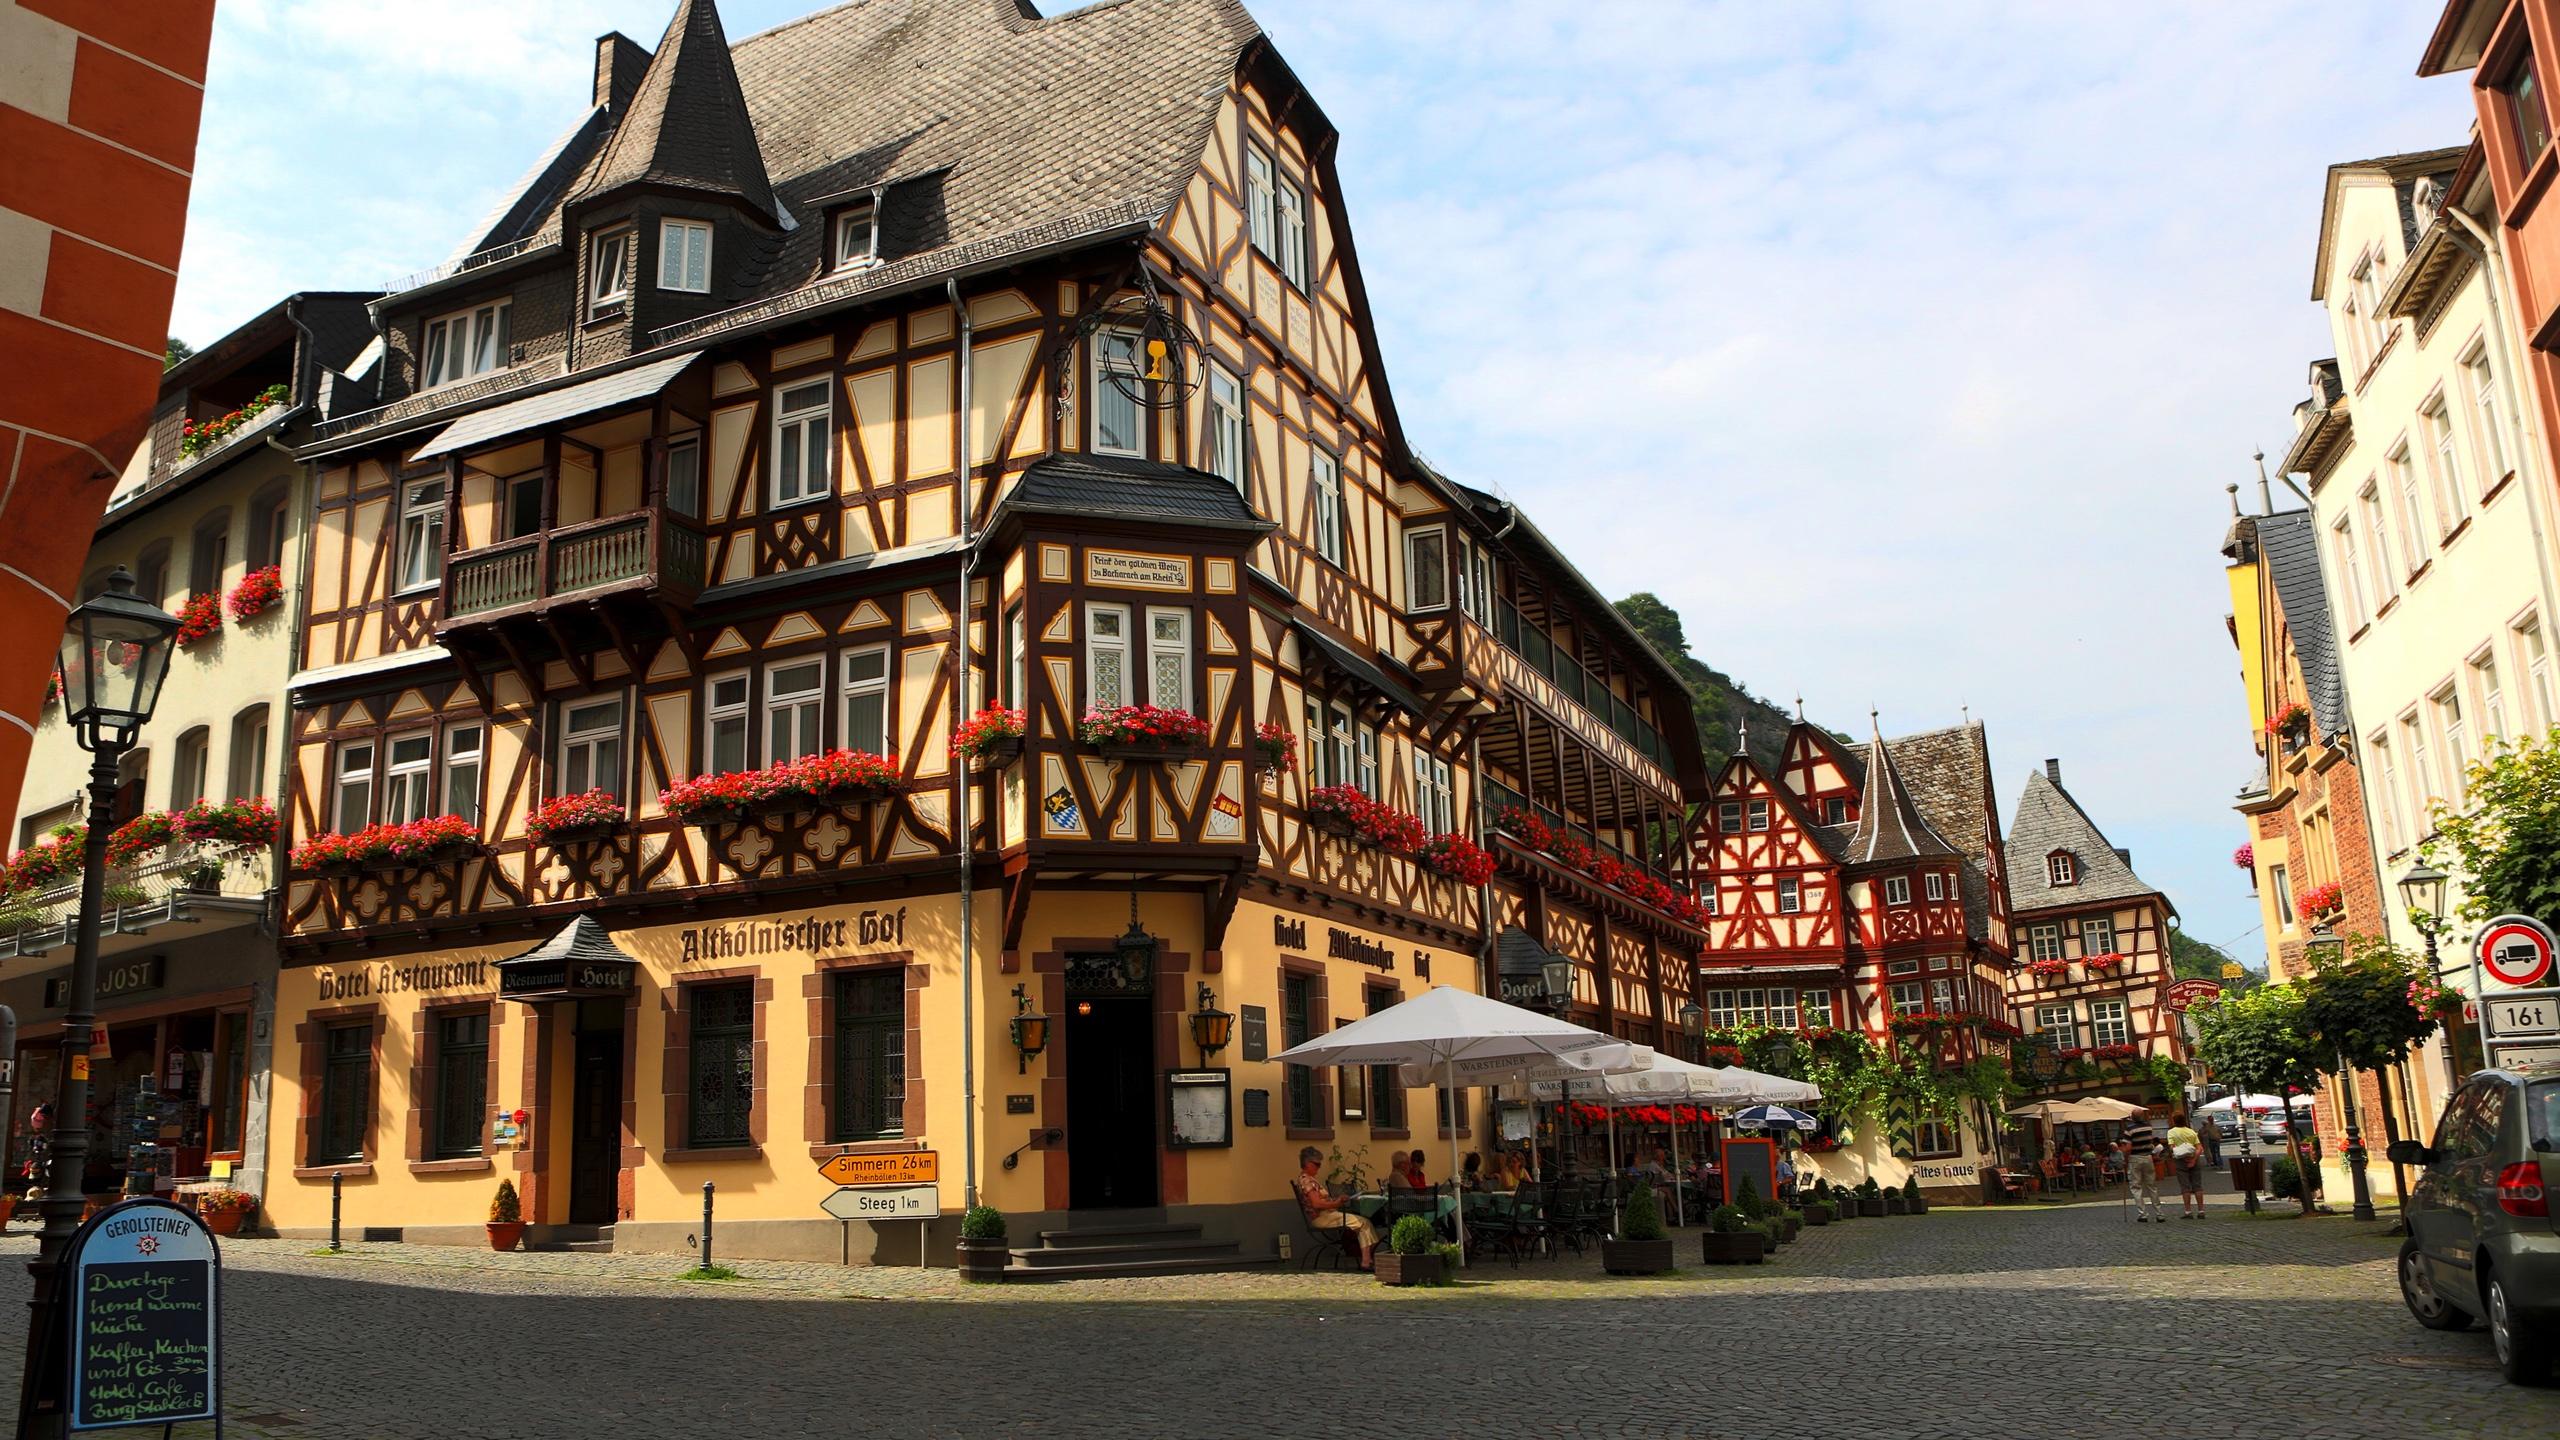 壁紙 ドイツの家 2560x1600 Hd 無料のデスクトップの背景 画像